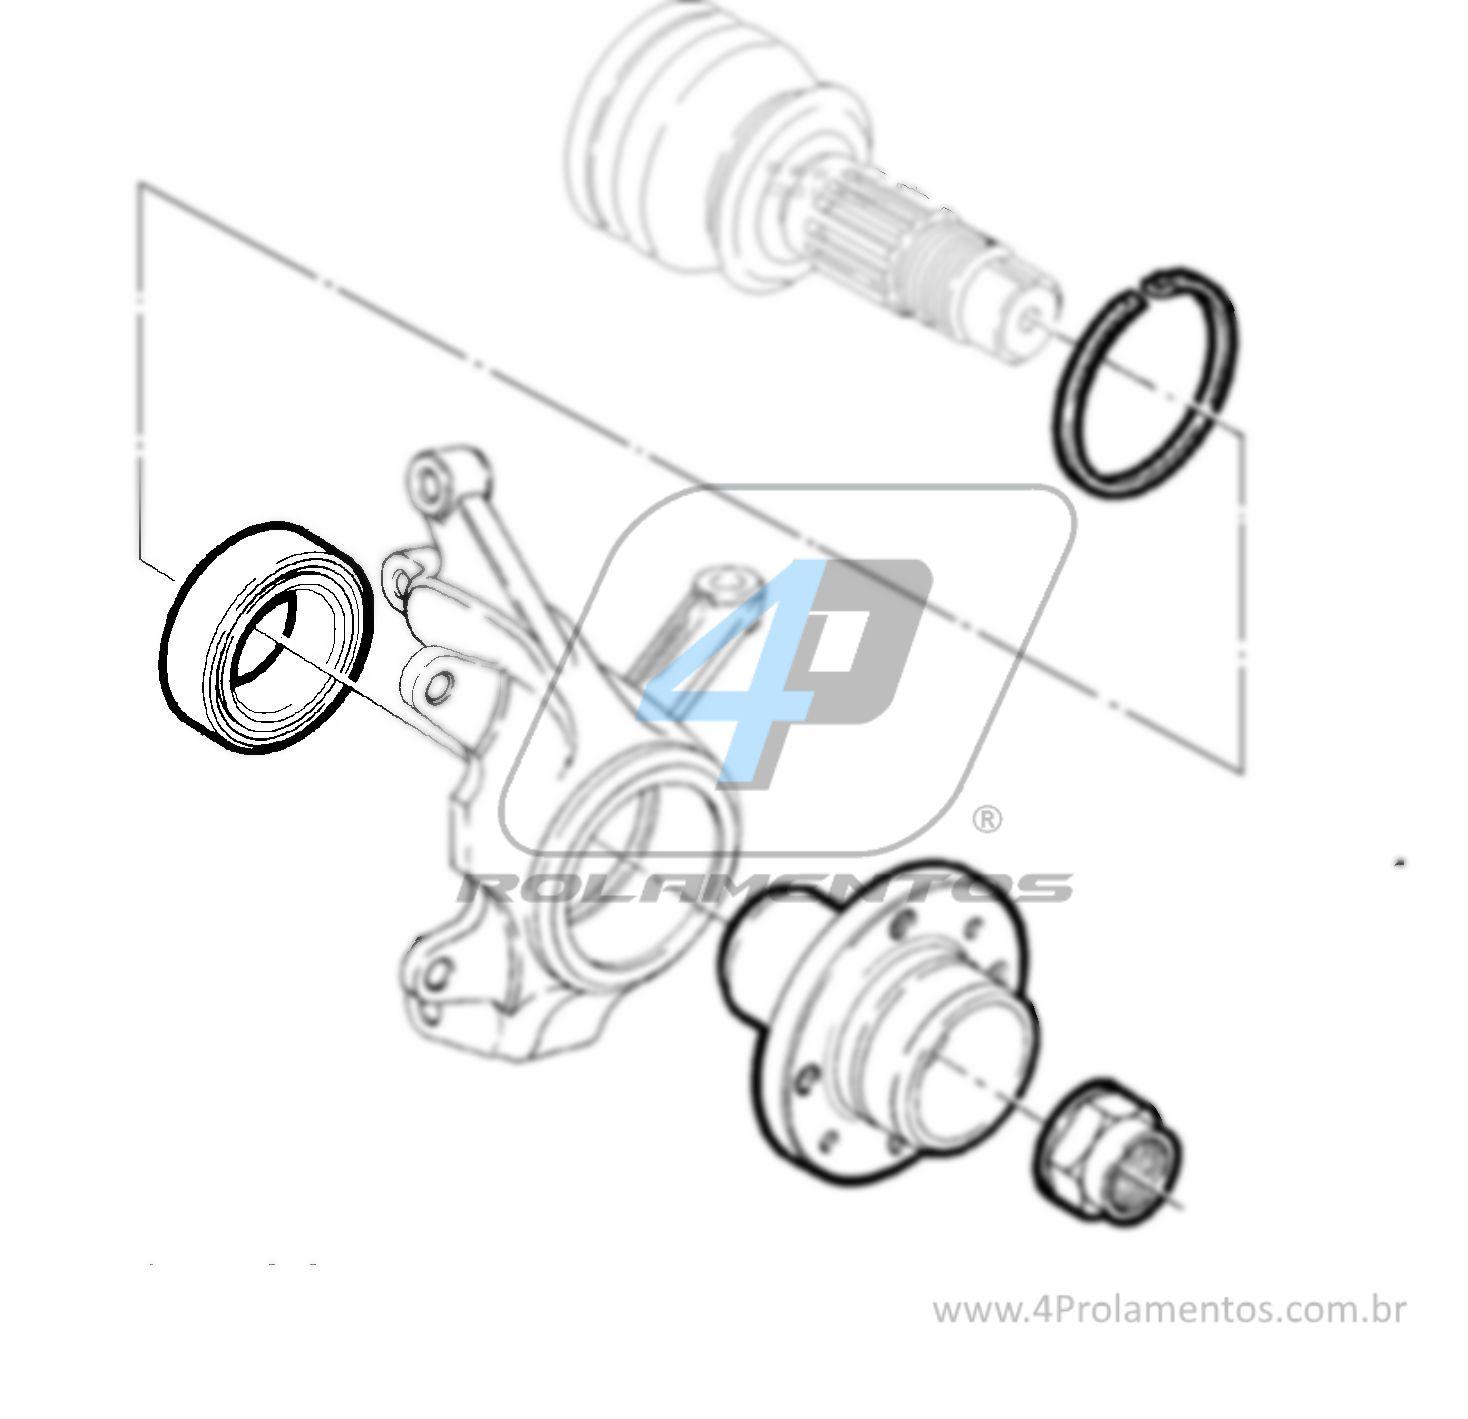 Rolamento de Roda Dianteira FIAT Punto (1.6L/1.8L) 2008 até 2014